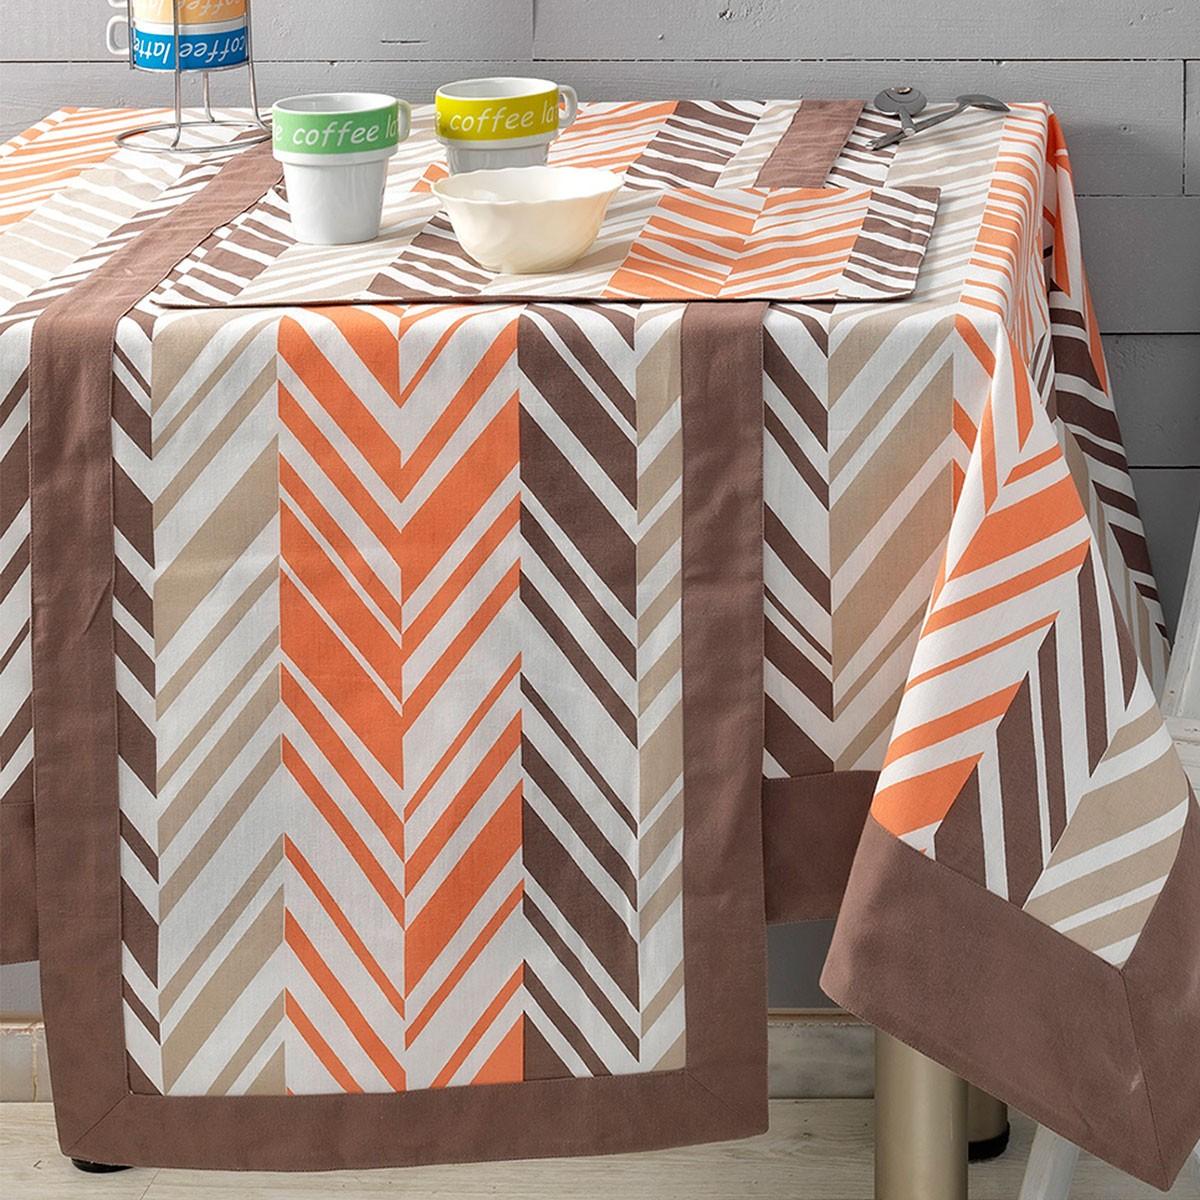 Σουπλά (Σετ 2τμχ) Palamaiki Kitchen TP117 home   κουζίνα   τραπεζαρία   σουπλά